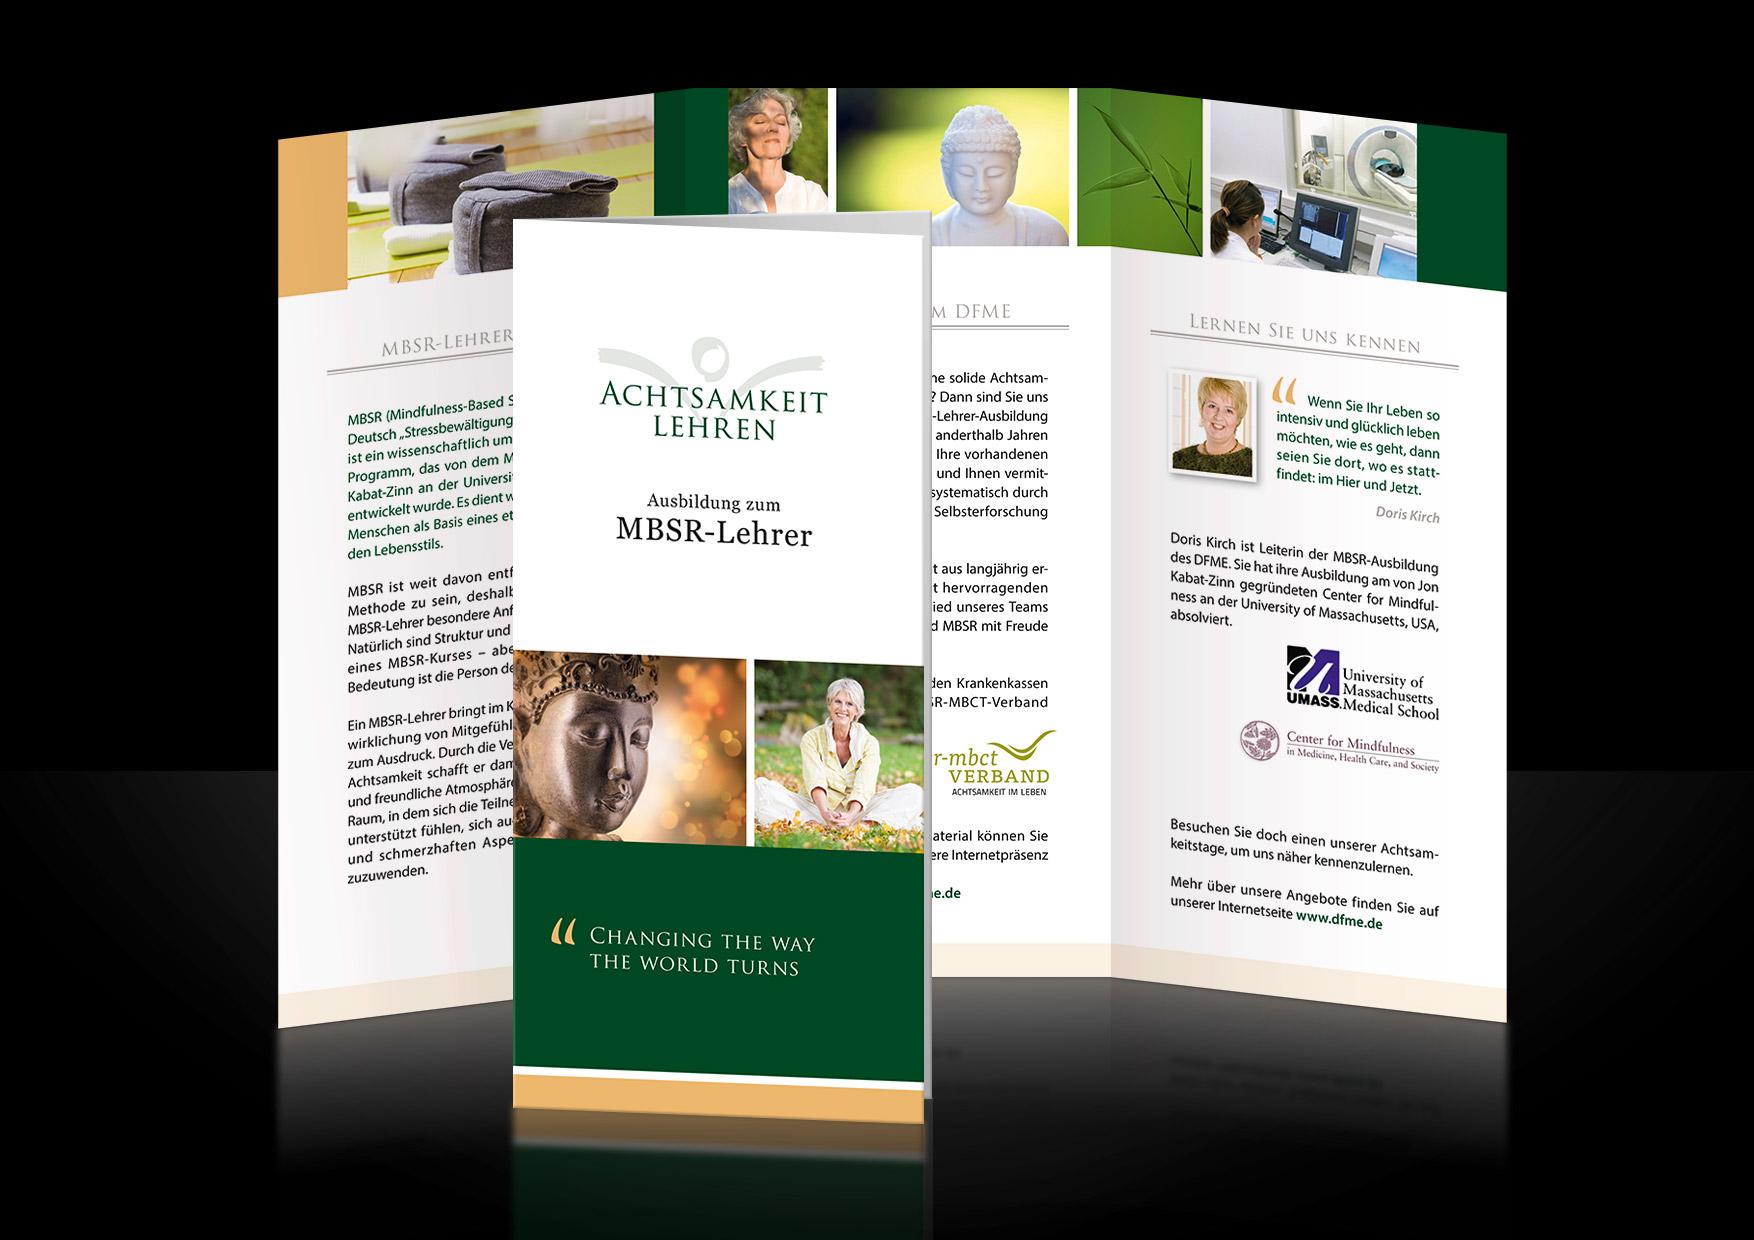 Werbedesign-Flyer-DFME-MBSR-Lehrer-werden